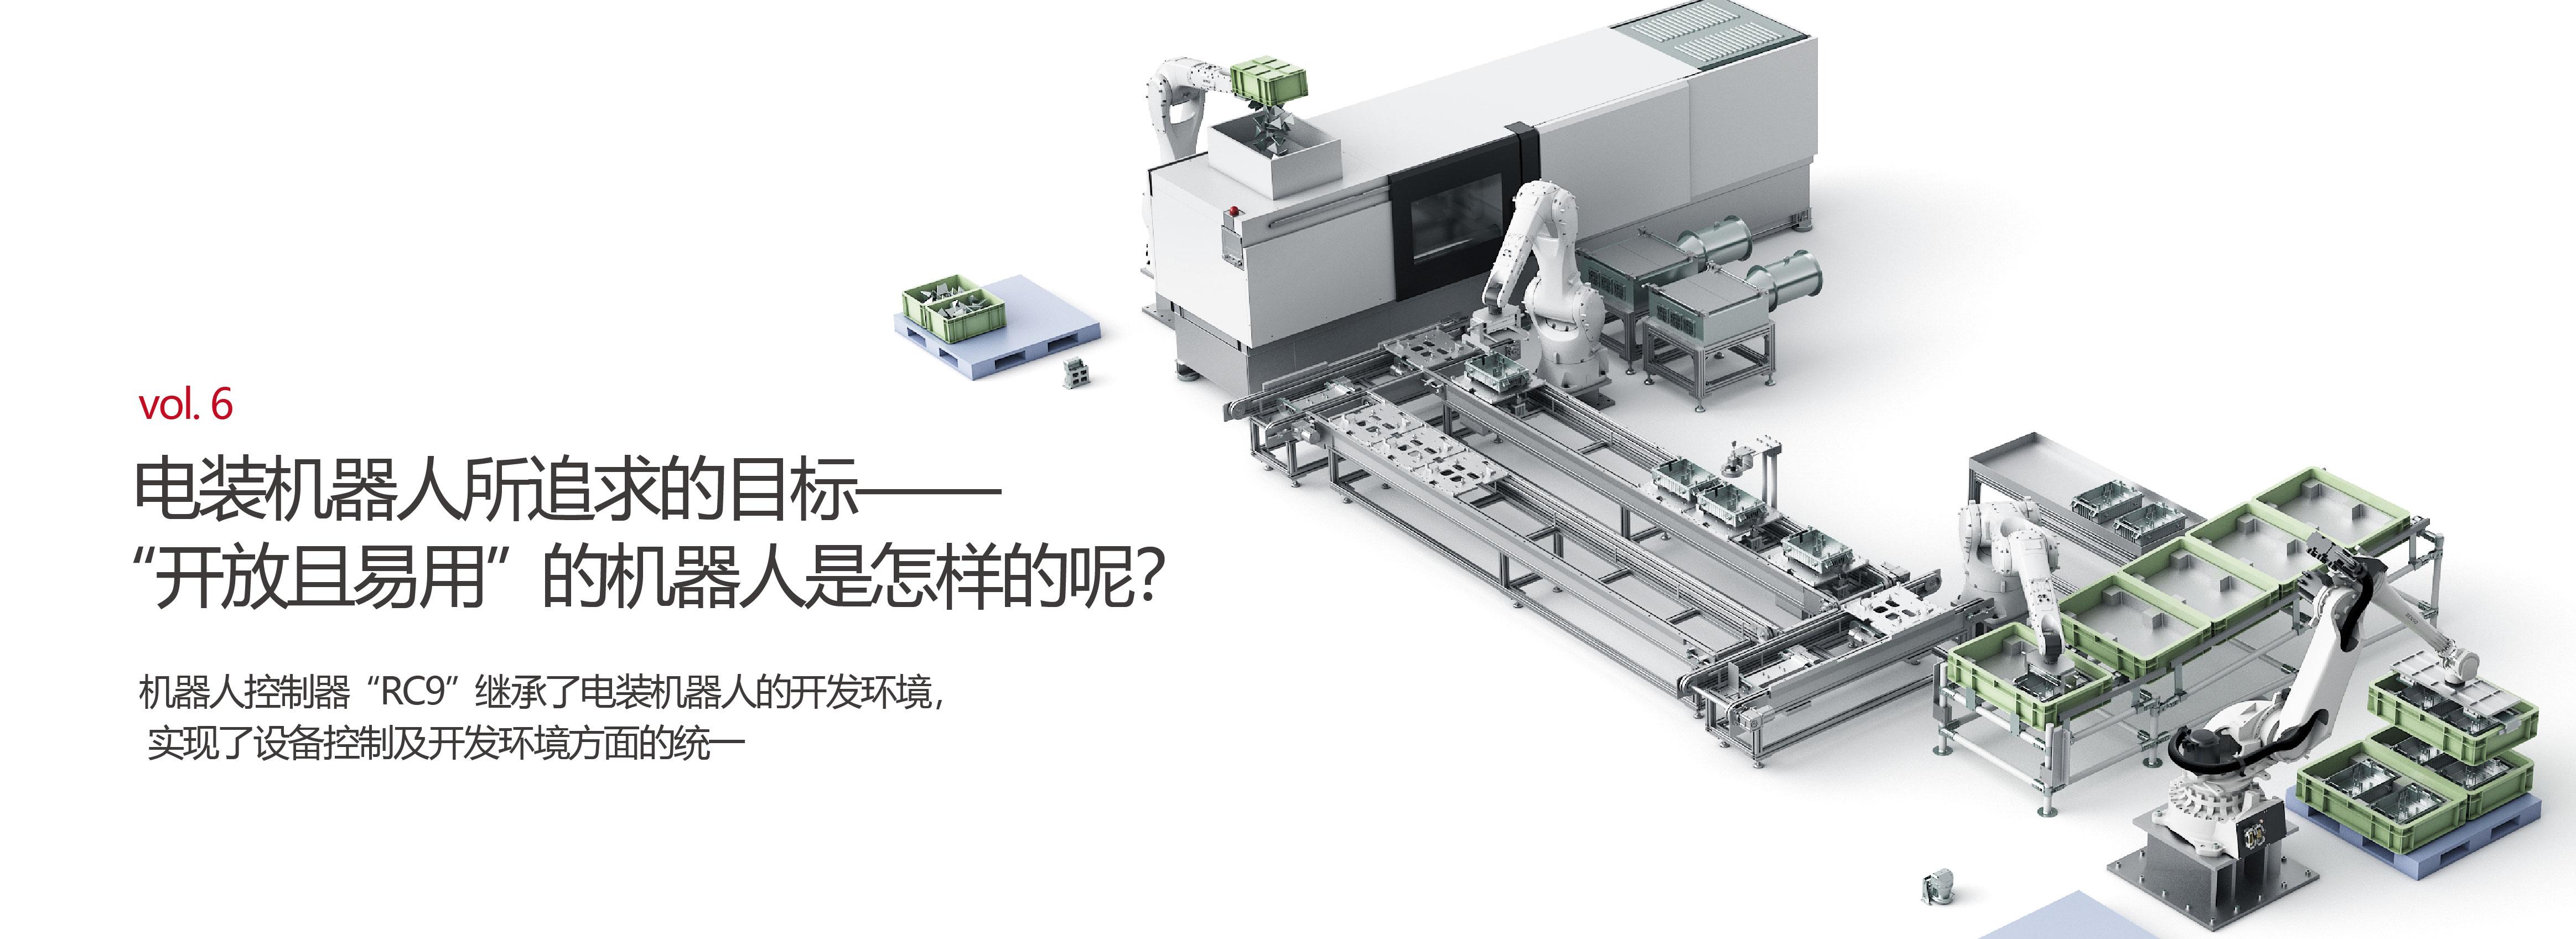 """电装机器人所追求的目标——""""开放且易用""""的机器人是怎样的呢?"""